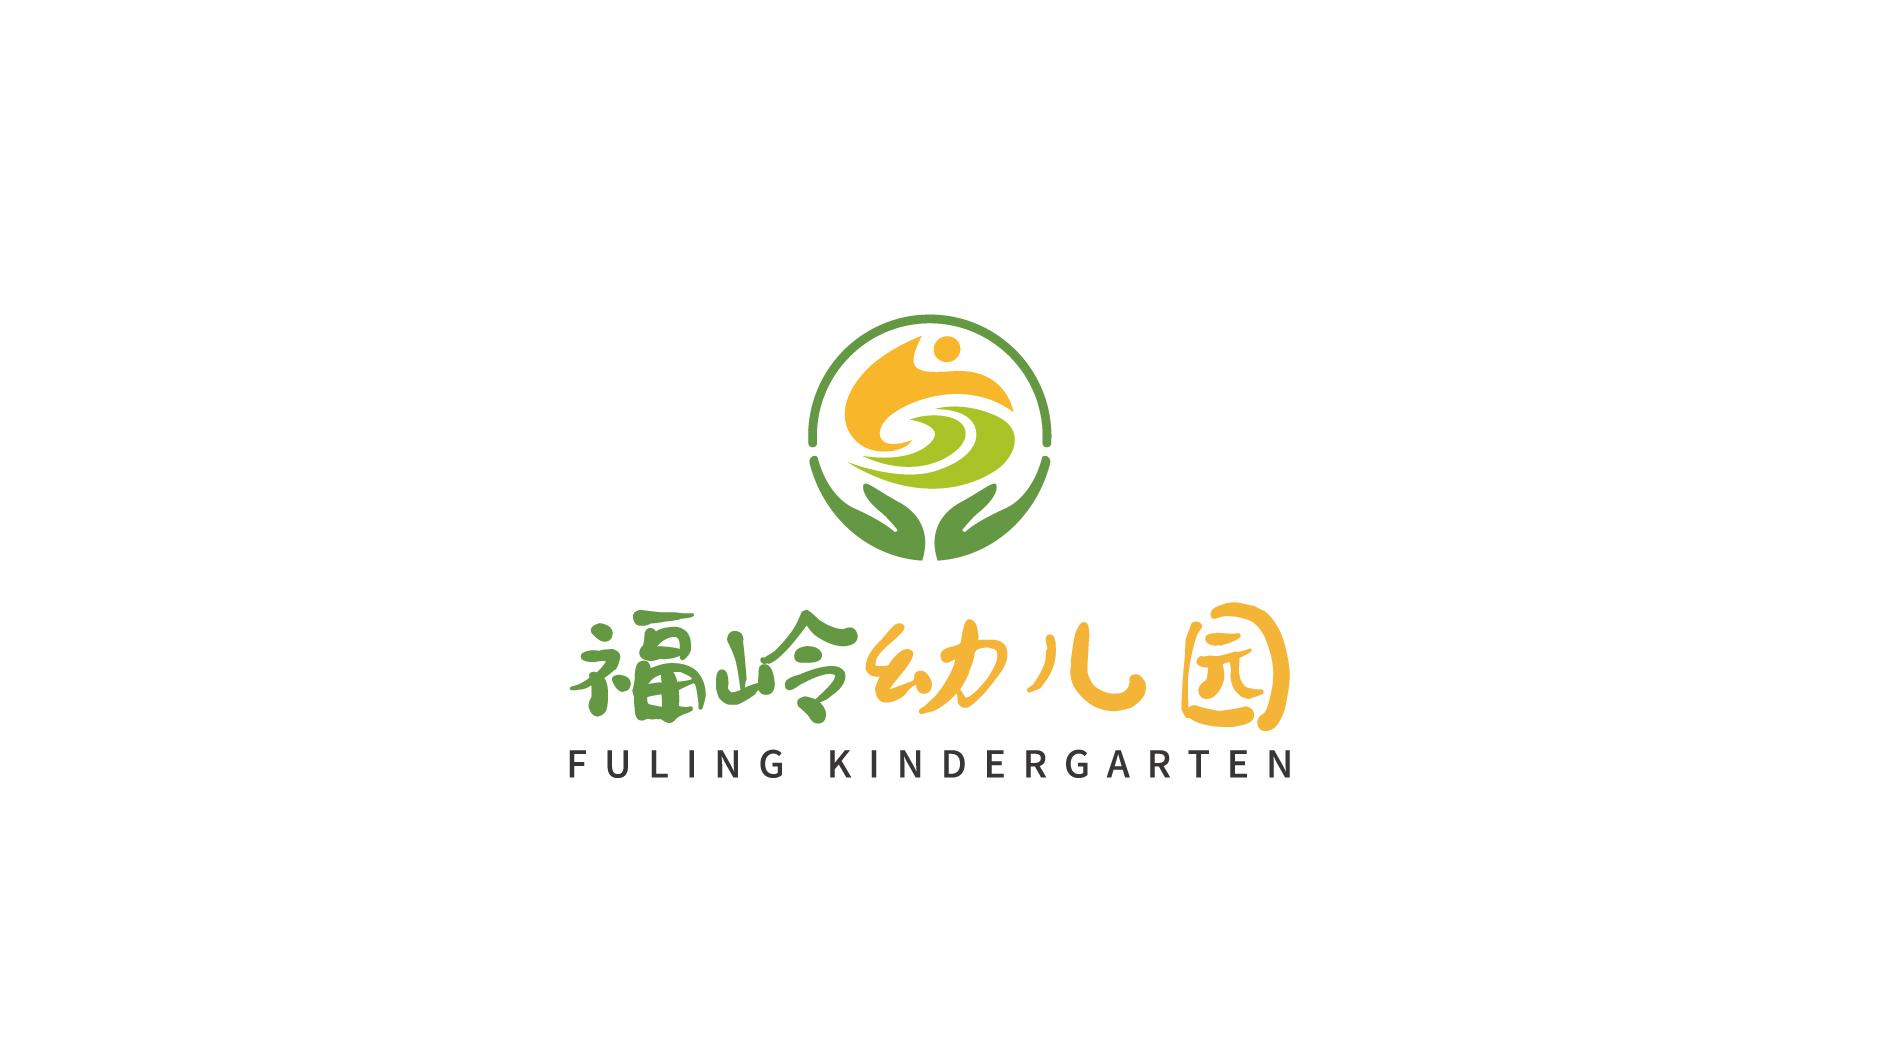 福岭幼儿园LOGO设计